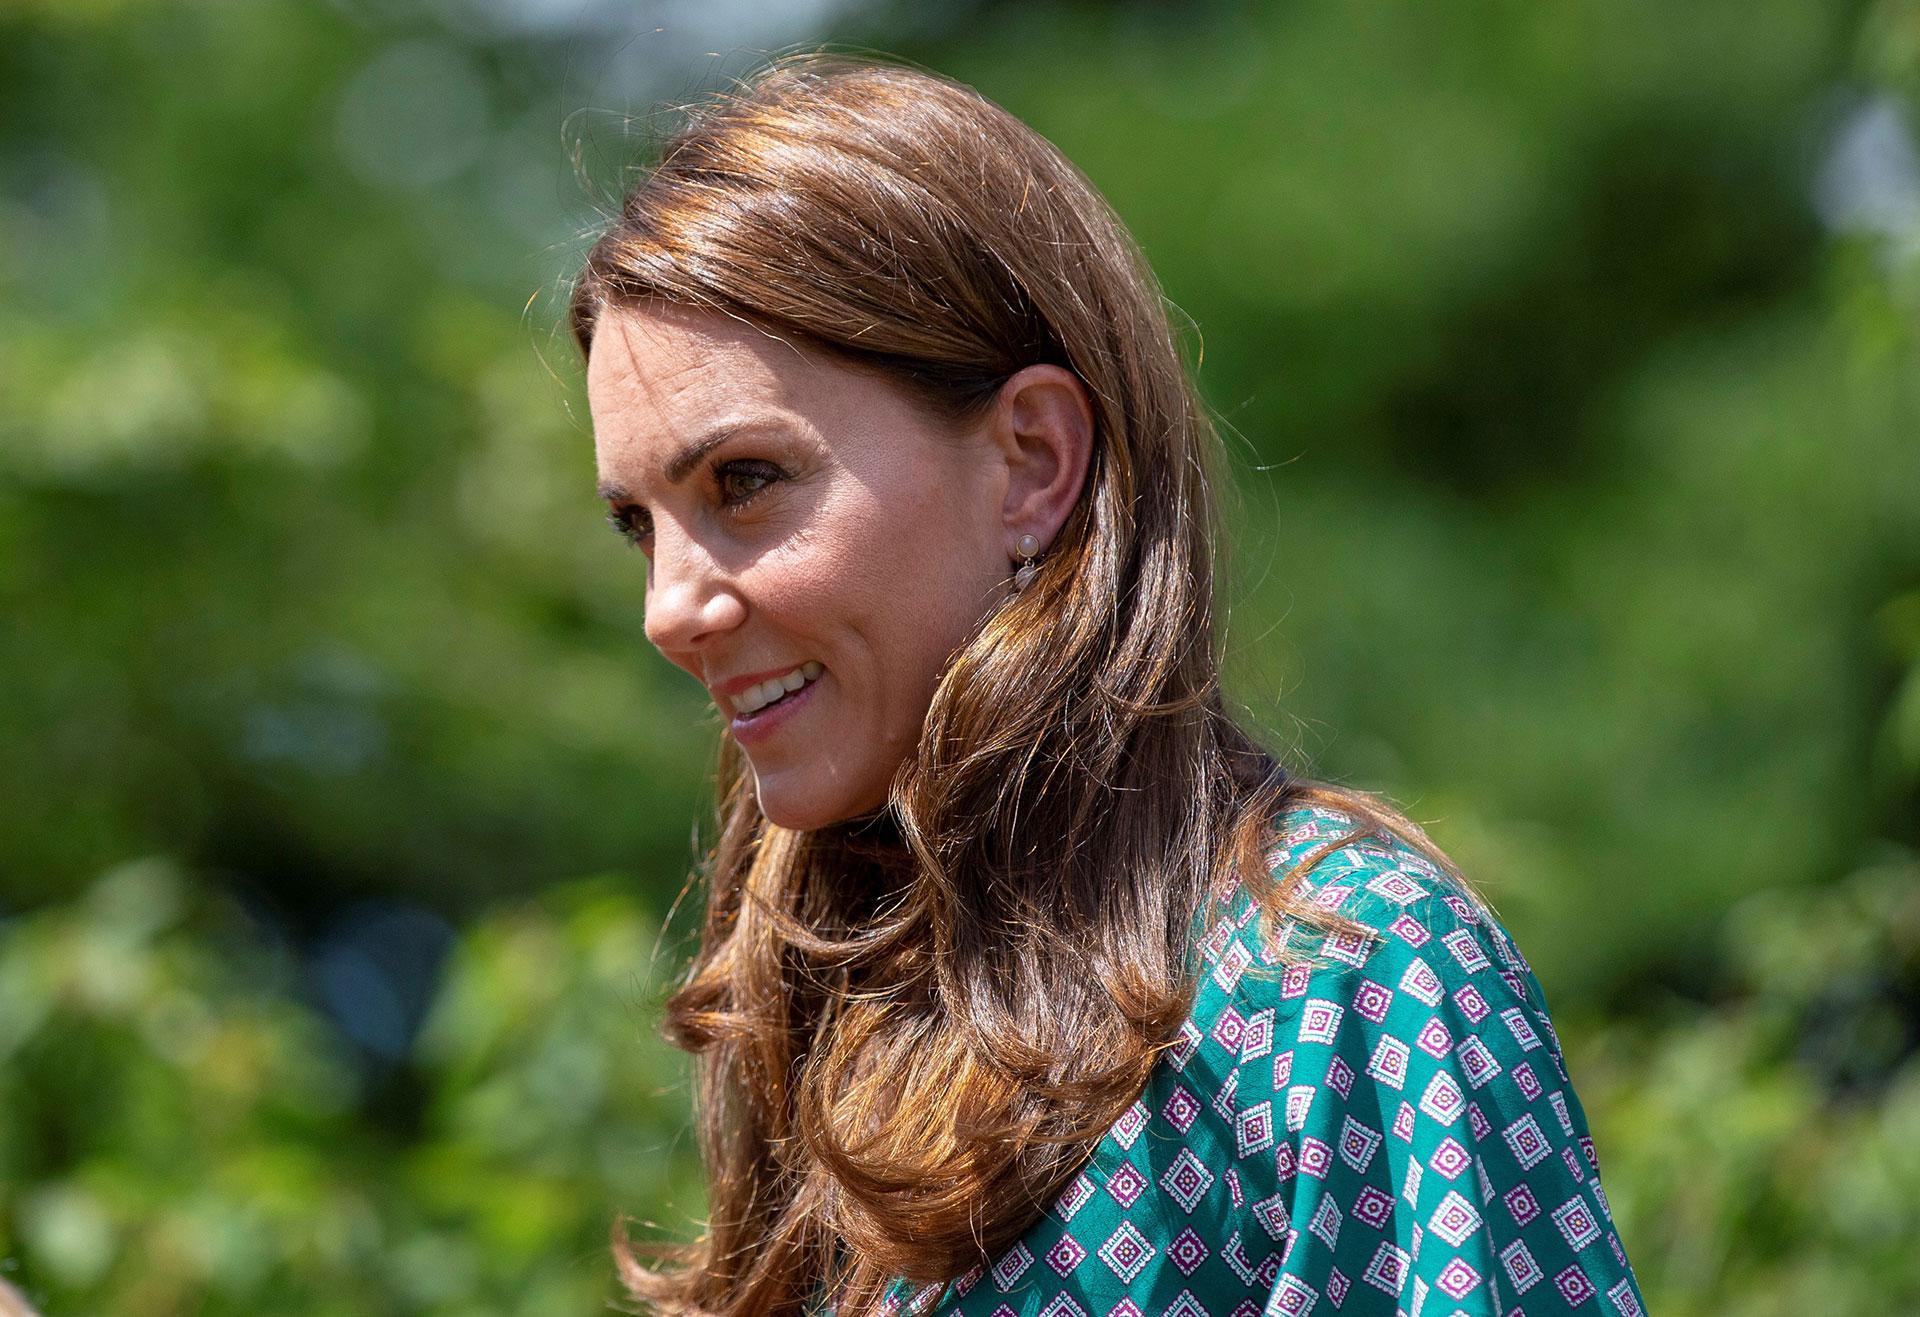 Para la ocasión al aire libre, Kate optó por lucir un vestido cómodo sin dejar atrás la elegancia. Una piezade la firma francesa Sandroy de estampa geométrica. Llevó el pelo suelto y aros de una firma low cost /// Fotos: AFP